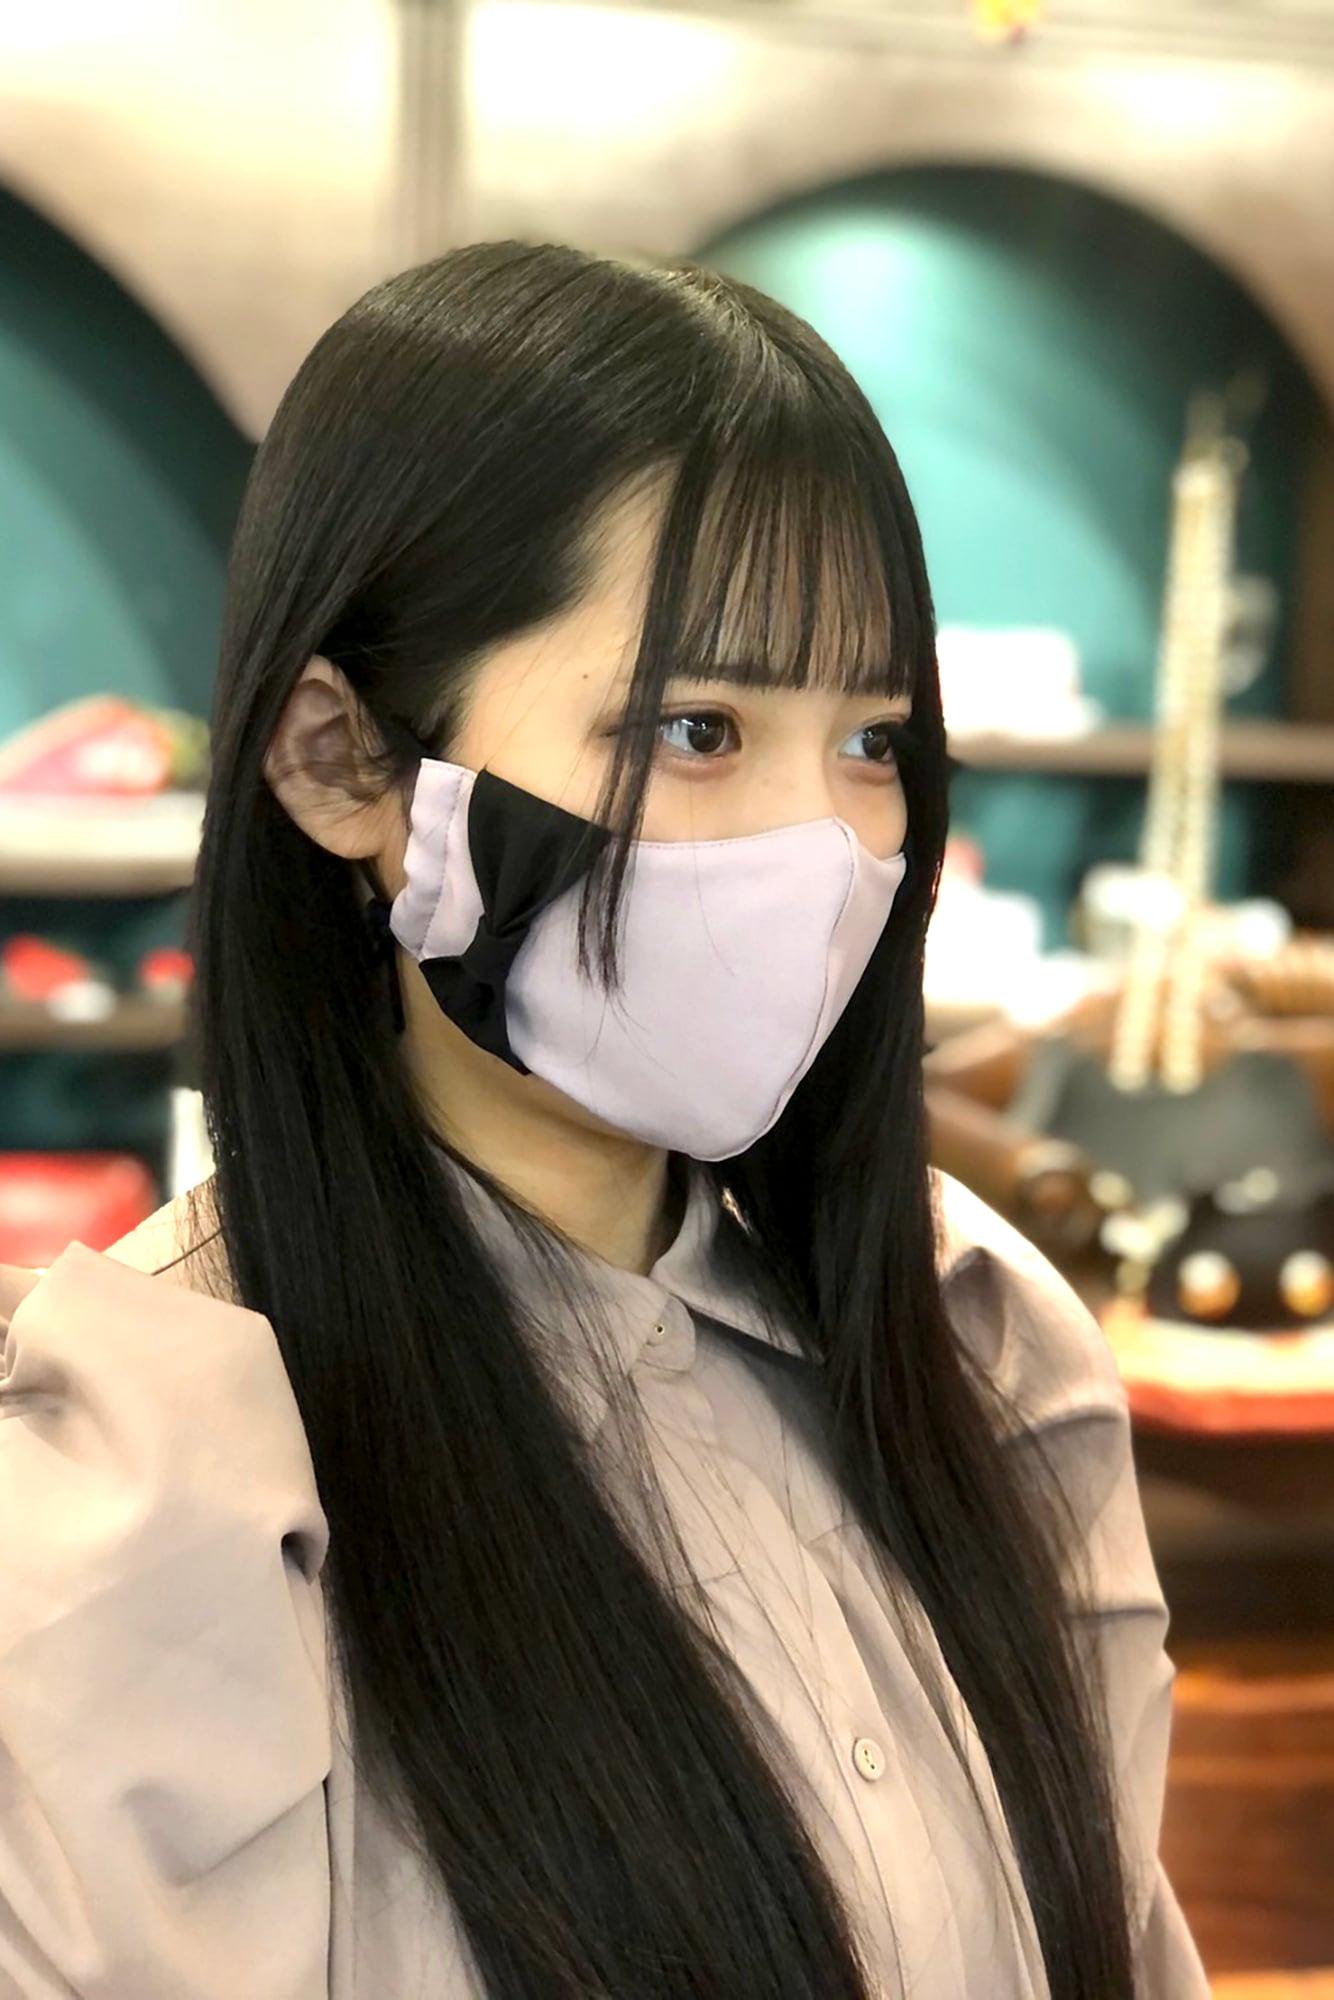 【セール】横顔美人!立体リボンマスク/ダスティピンク+ブラックリボン